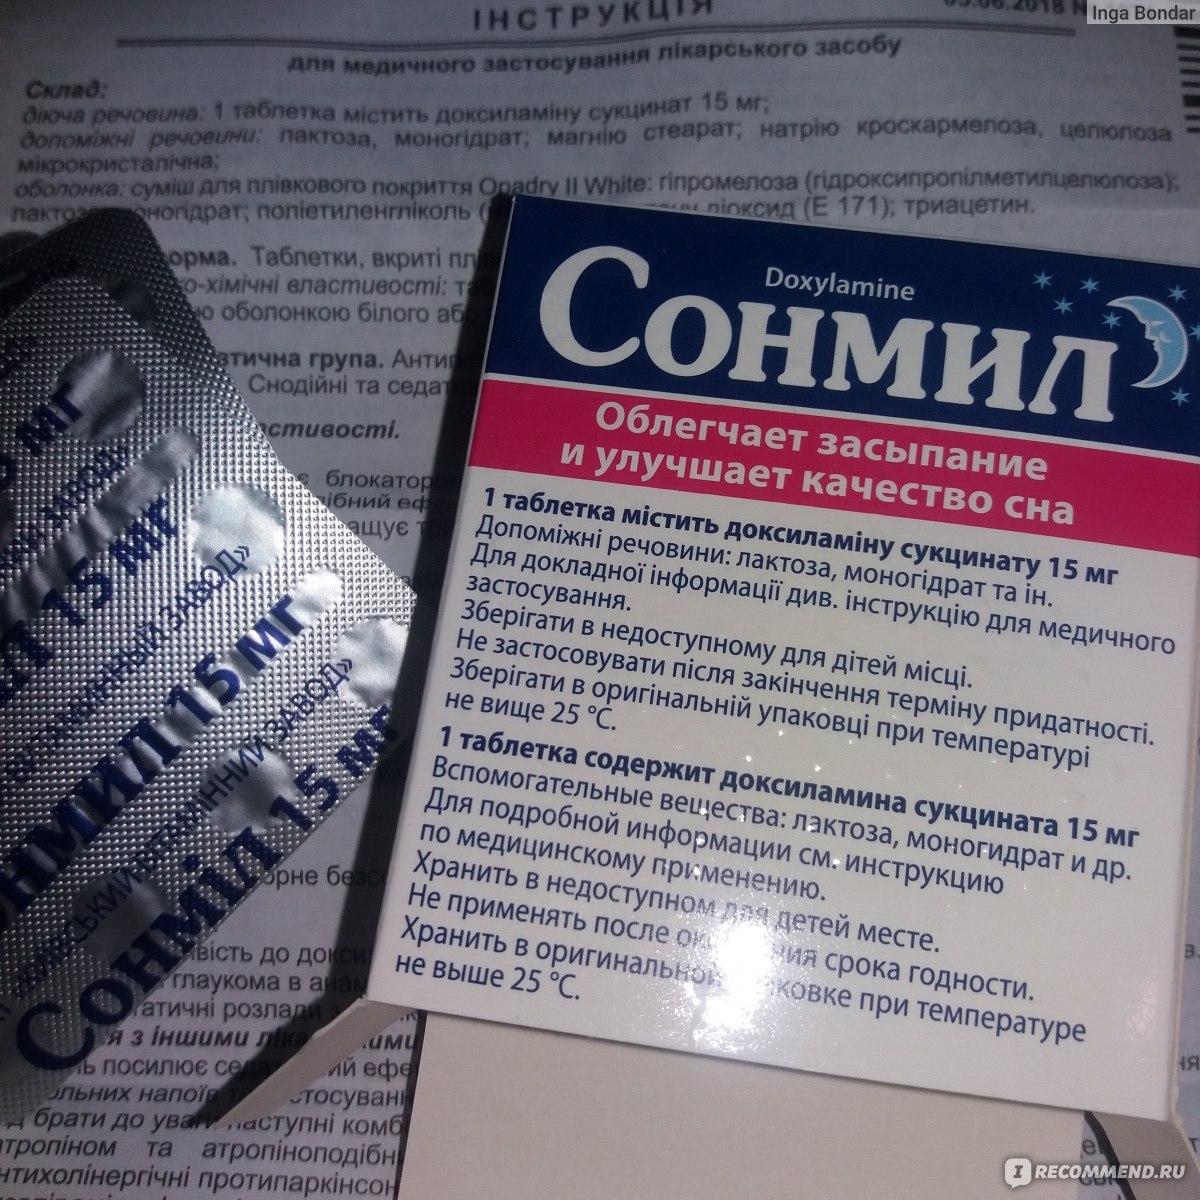 Инструкция «сонмила», отзывы о препарате «сонмил»